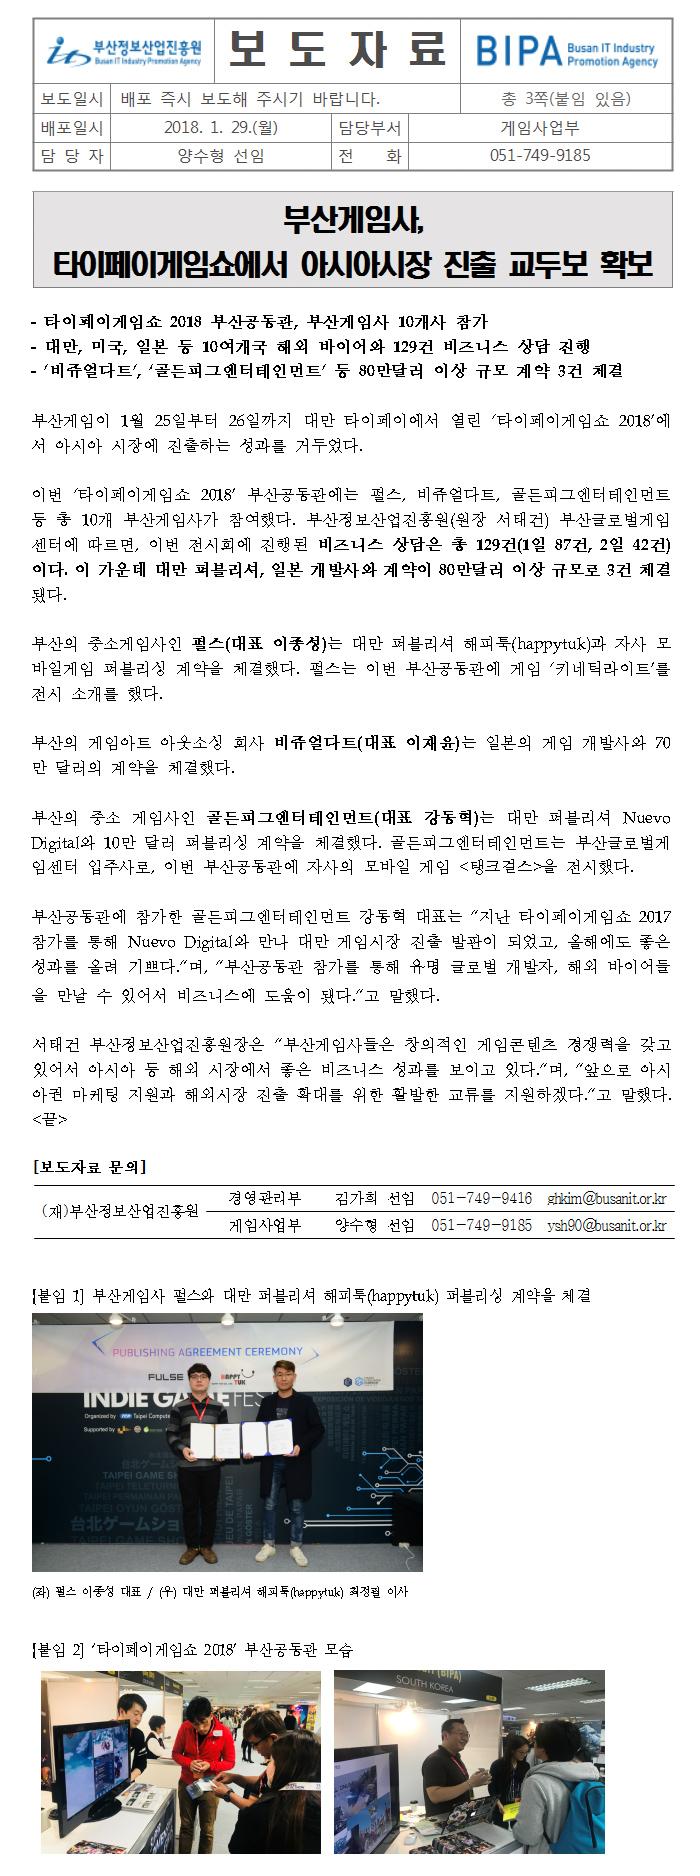 부산게임사, 타이페이게임쇼에서 아시아시장 진출 교두보 확보